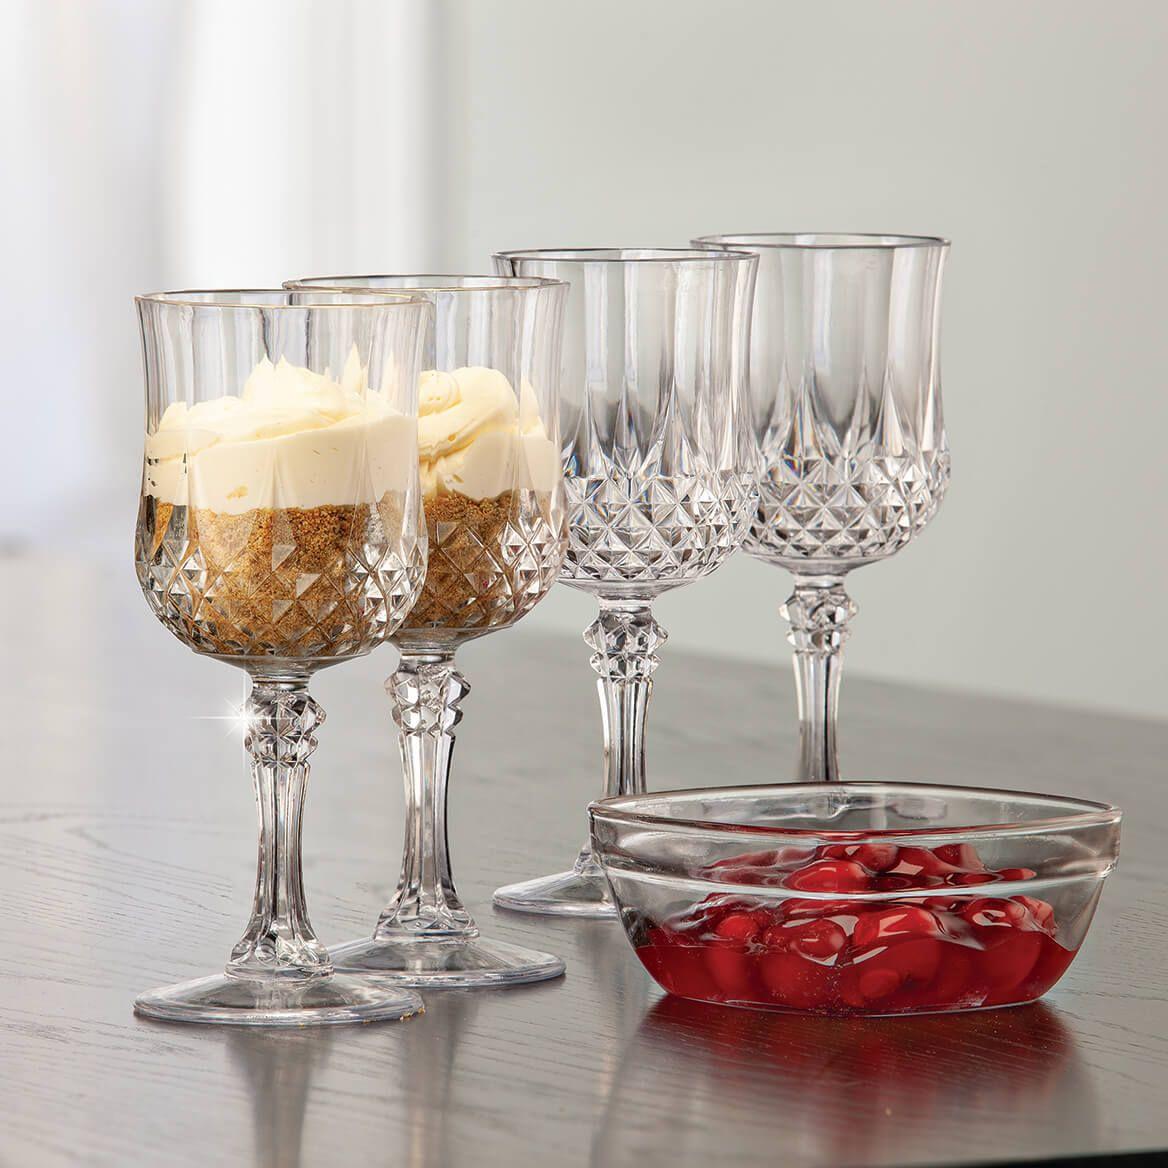 Shatter Resistant Stemmed Wine Glasses, Set of 4-372397